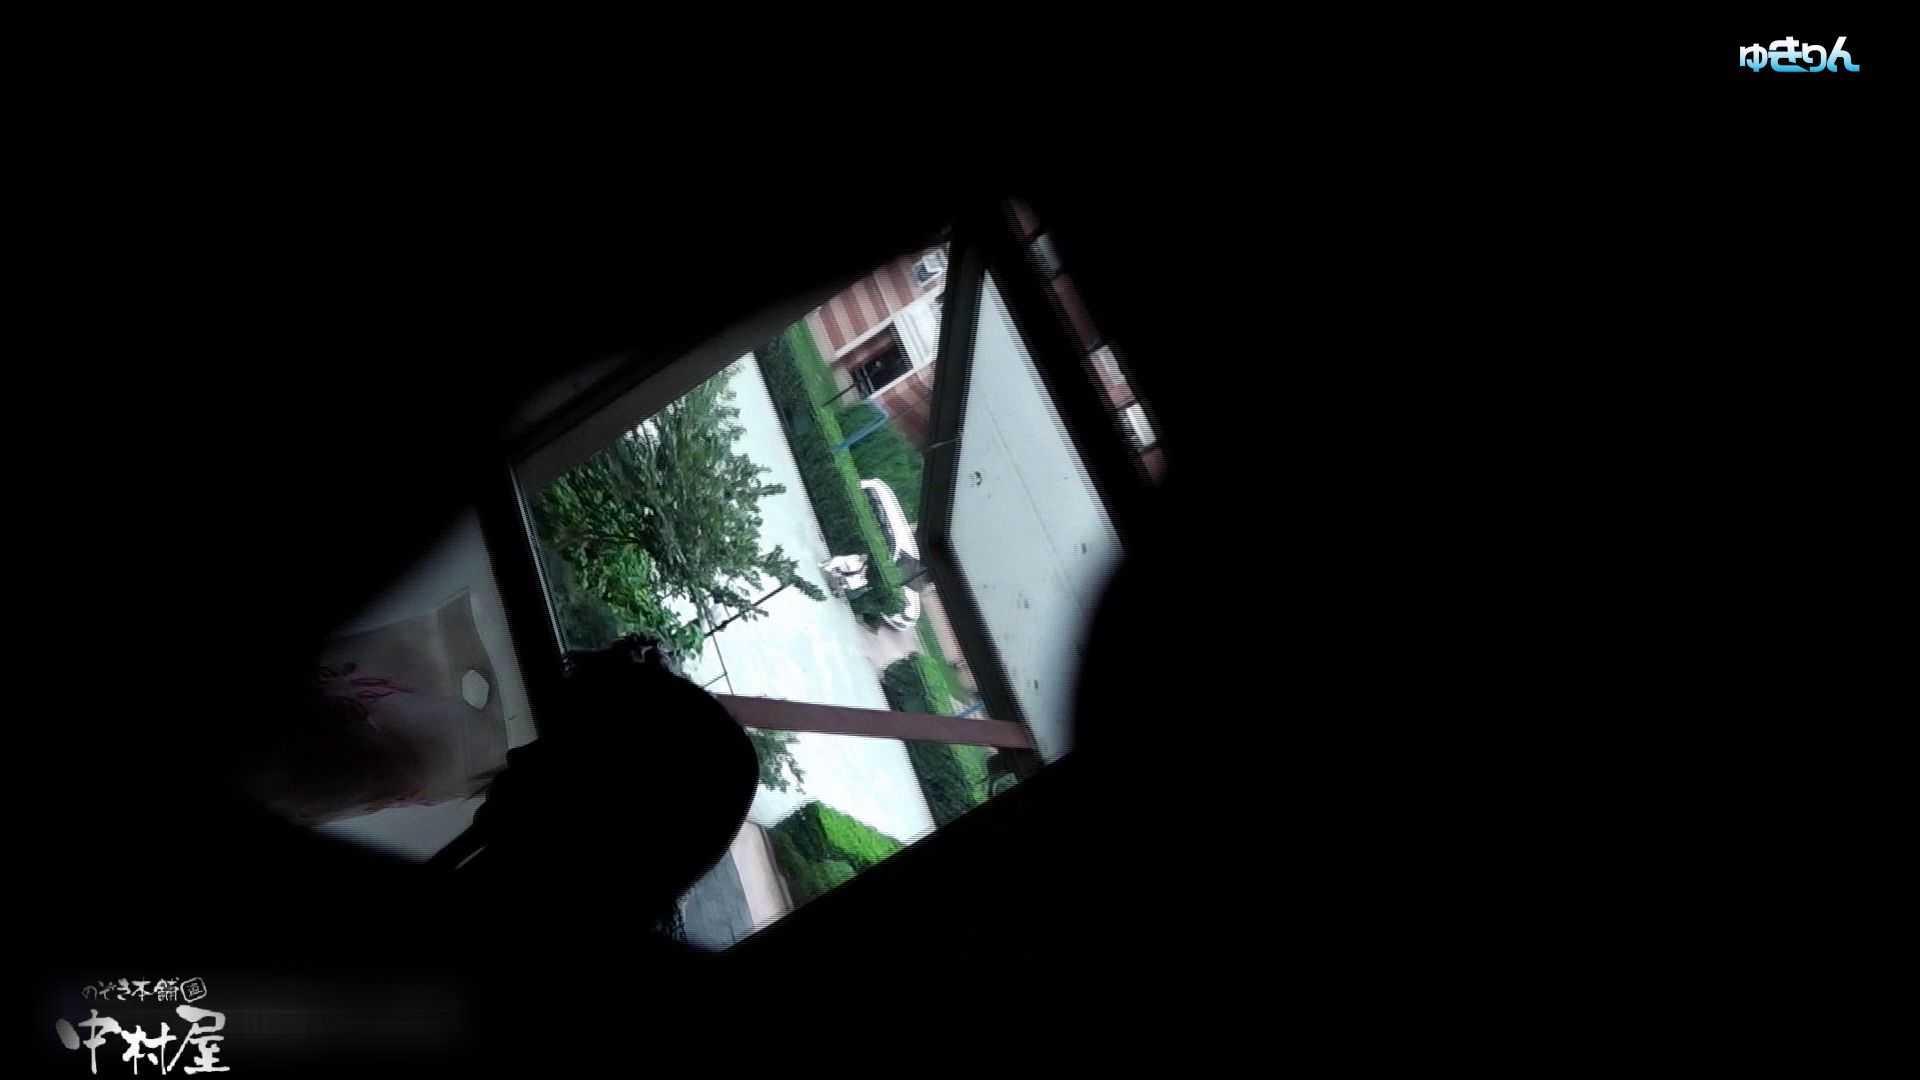 世界の射窓から~ステーション編 vol61 レベルアップ!!画質アップ、再発進 OLハメ撮り  77Pix 66